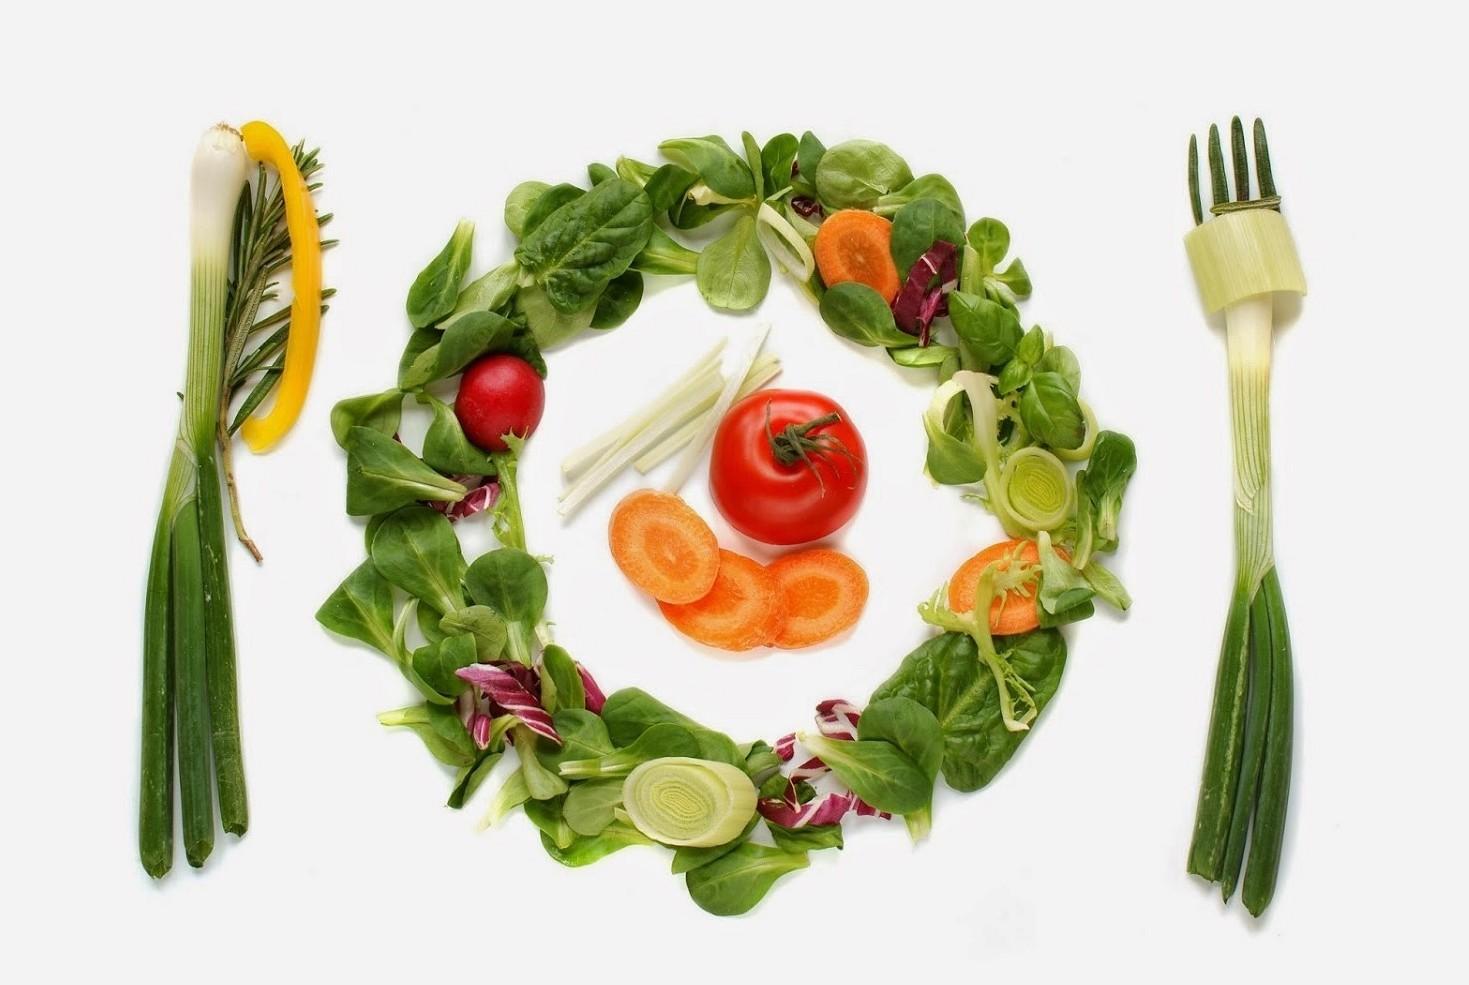 Vegani, differenti piatti vegetali sono